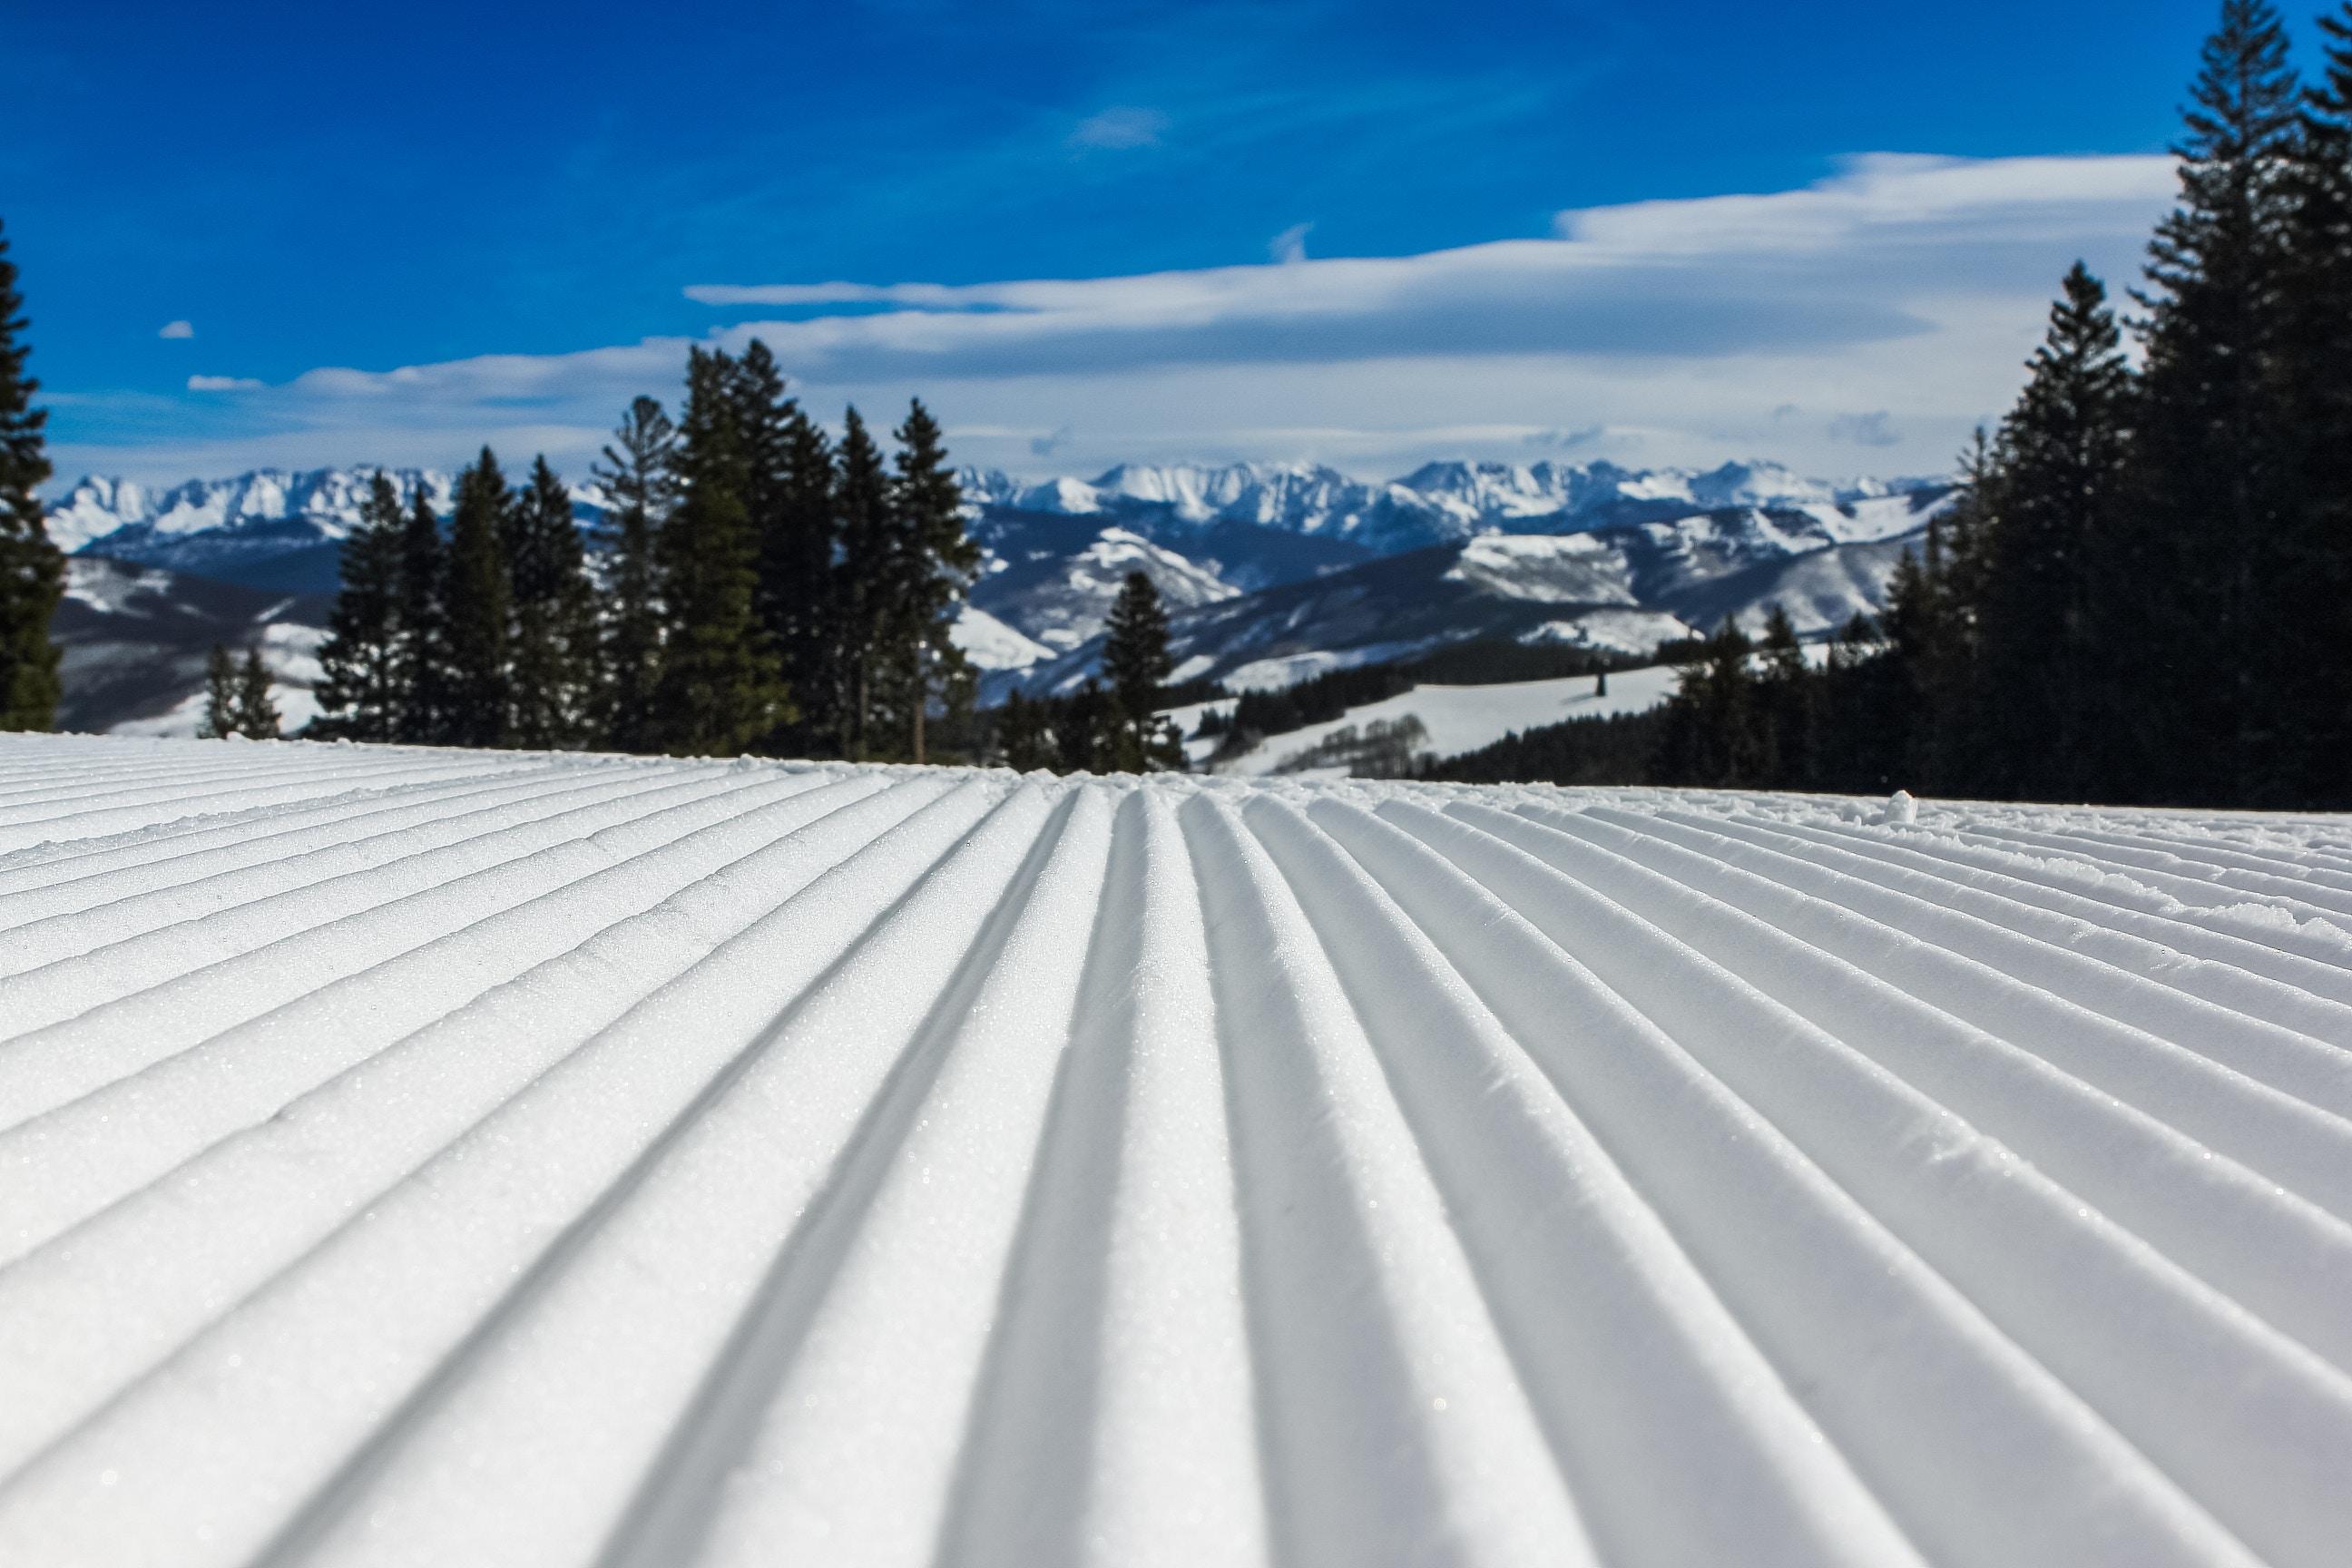 Temporada de esquí 2019-2020: Fechas apertura de pistas en España, Andorra y Francia [actualizadas]